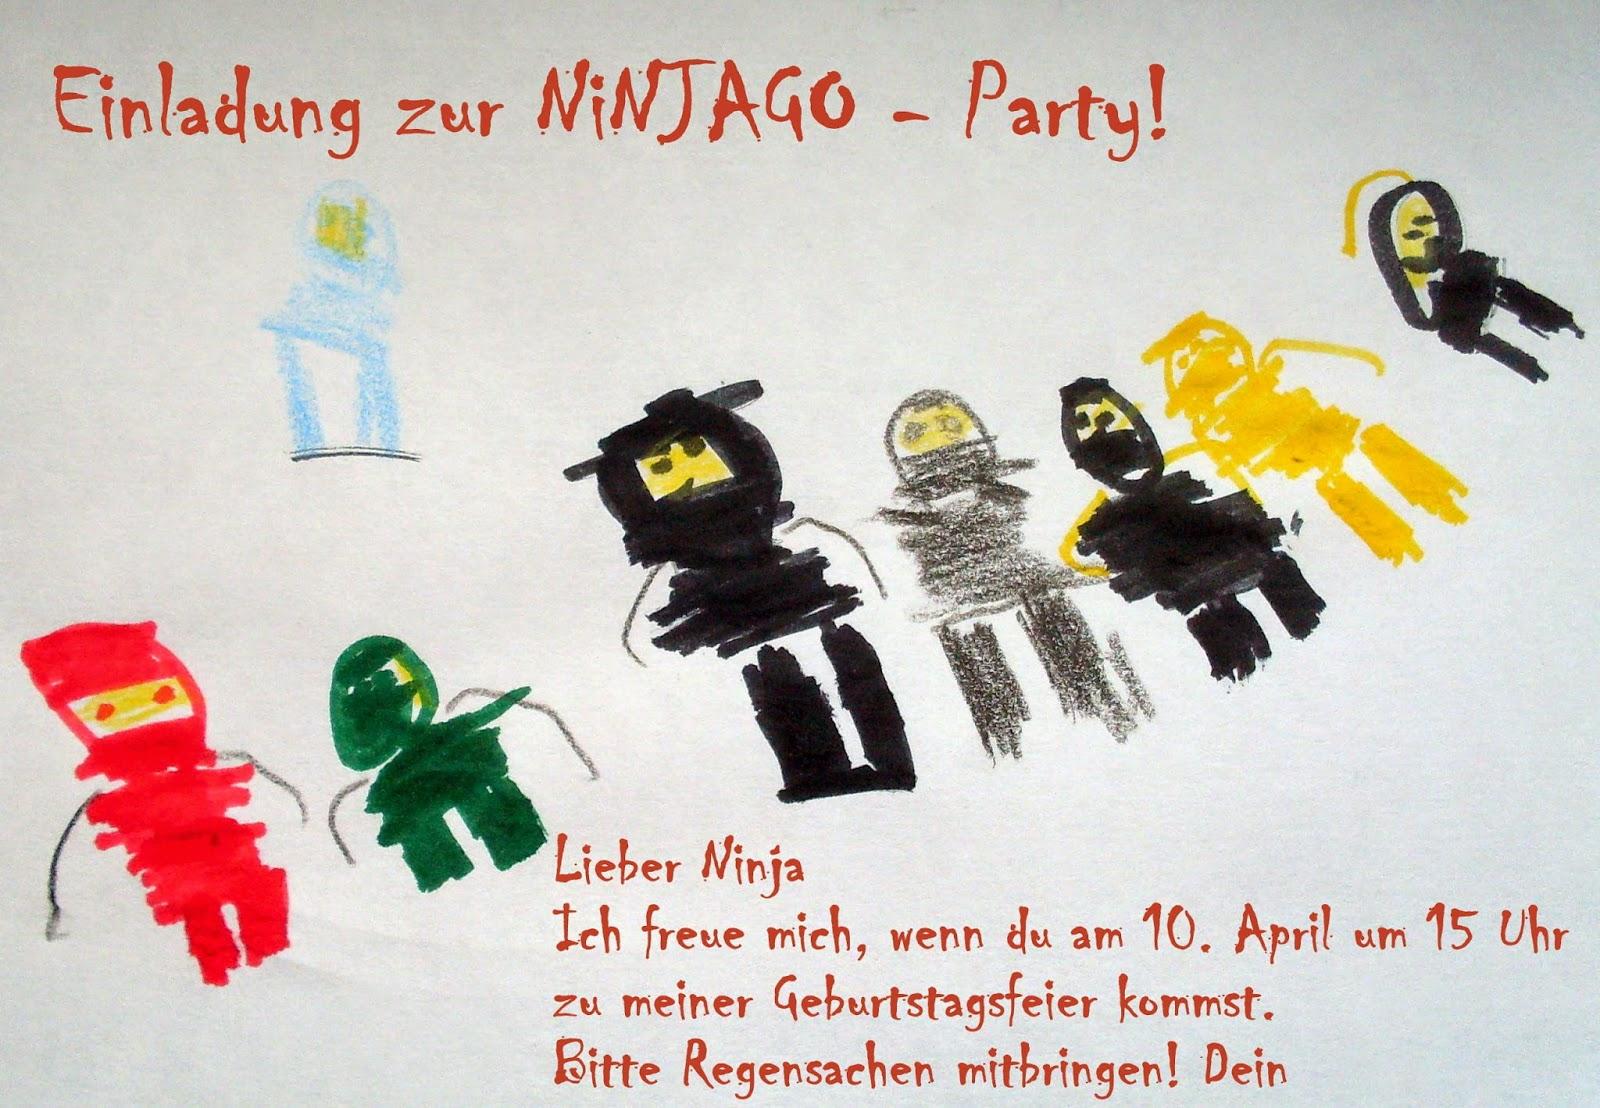 Ach Ja, So Sahen übrigens Die Einladungskarten, Zeichnung Aller Ninjas  Natürlich Vom Geburtstagskind, Handschriftlich Ergänzt Durch Namen Aus: